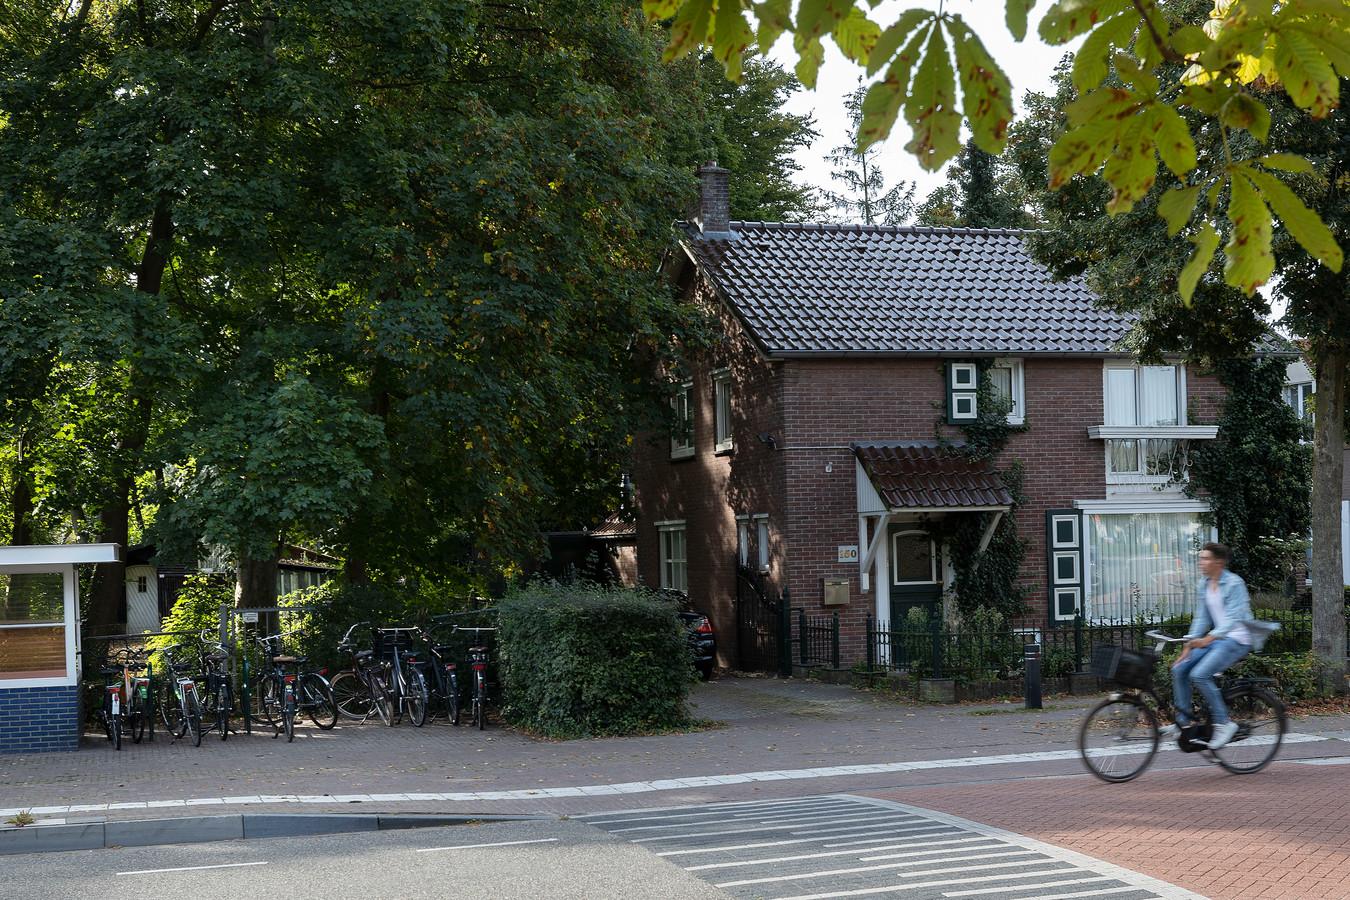 Op de plek in het Bergeijkse centrum waar nu nog een woning staat (op Hof 150) komt straks een nieuwe parkeerplaats.